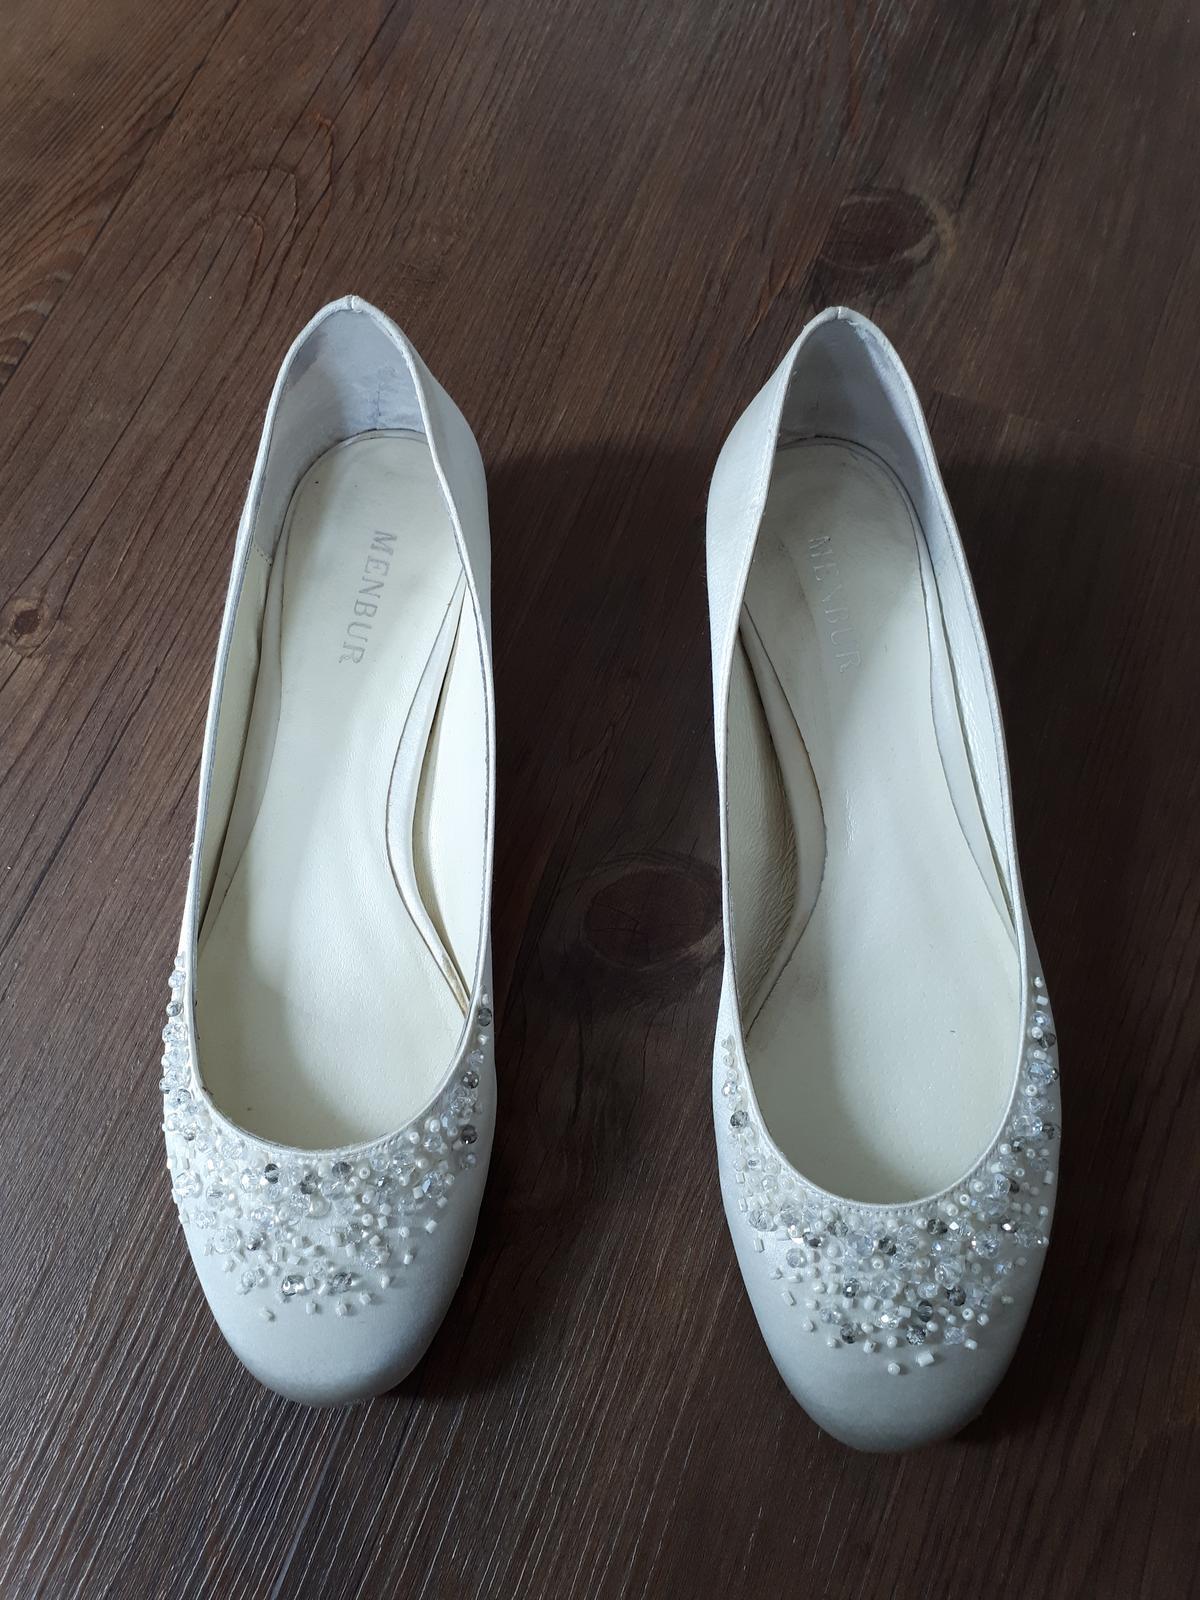 Svatební boty - balerinky vel. 38 (resp. 39) - Obrázek č. 1